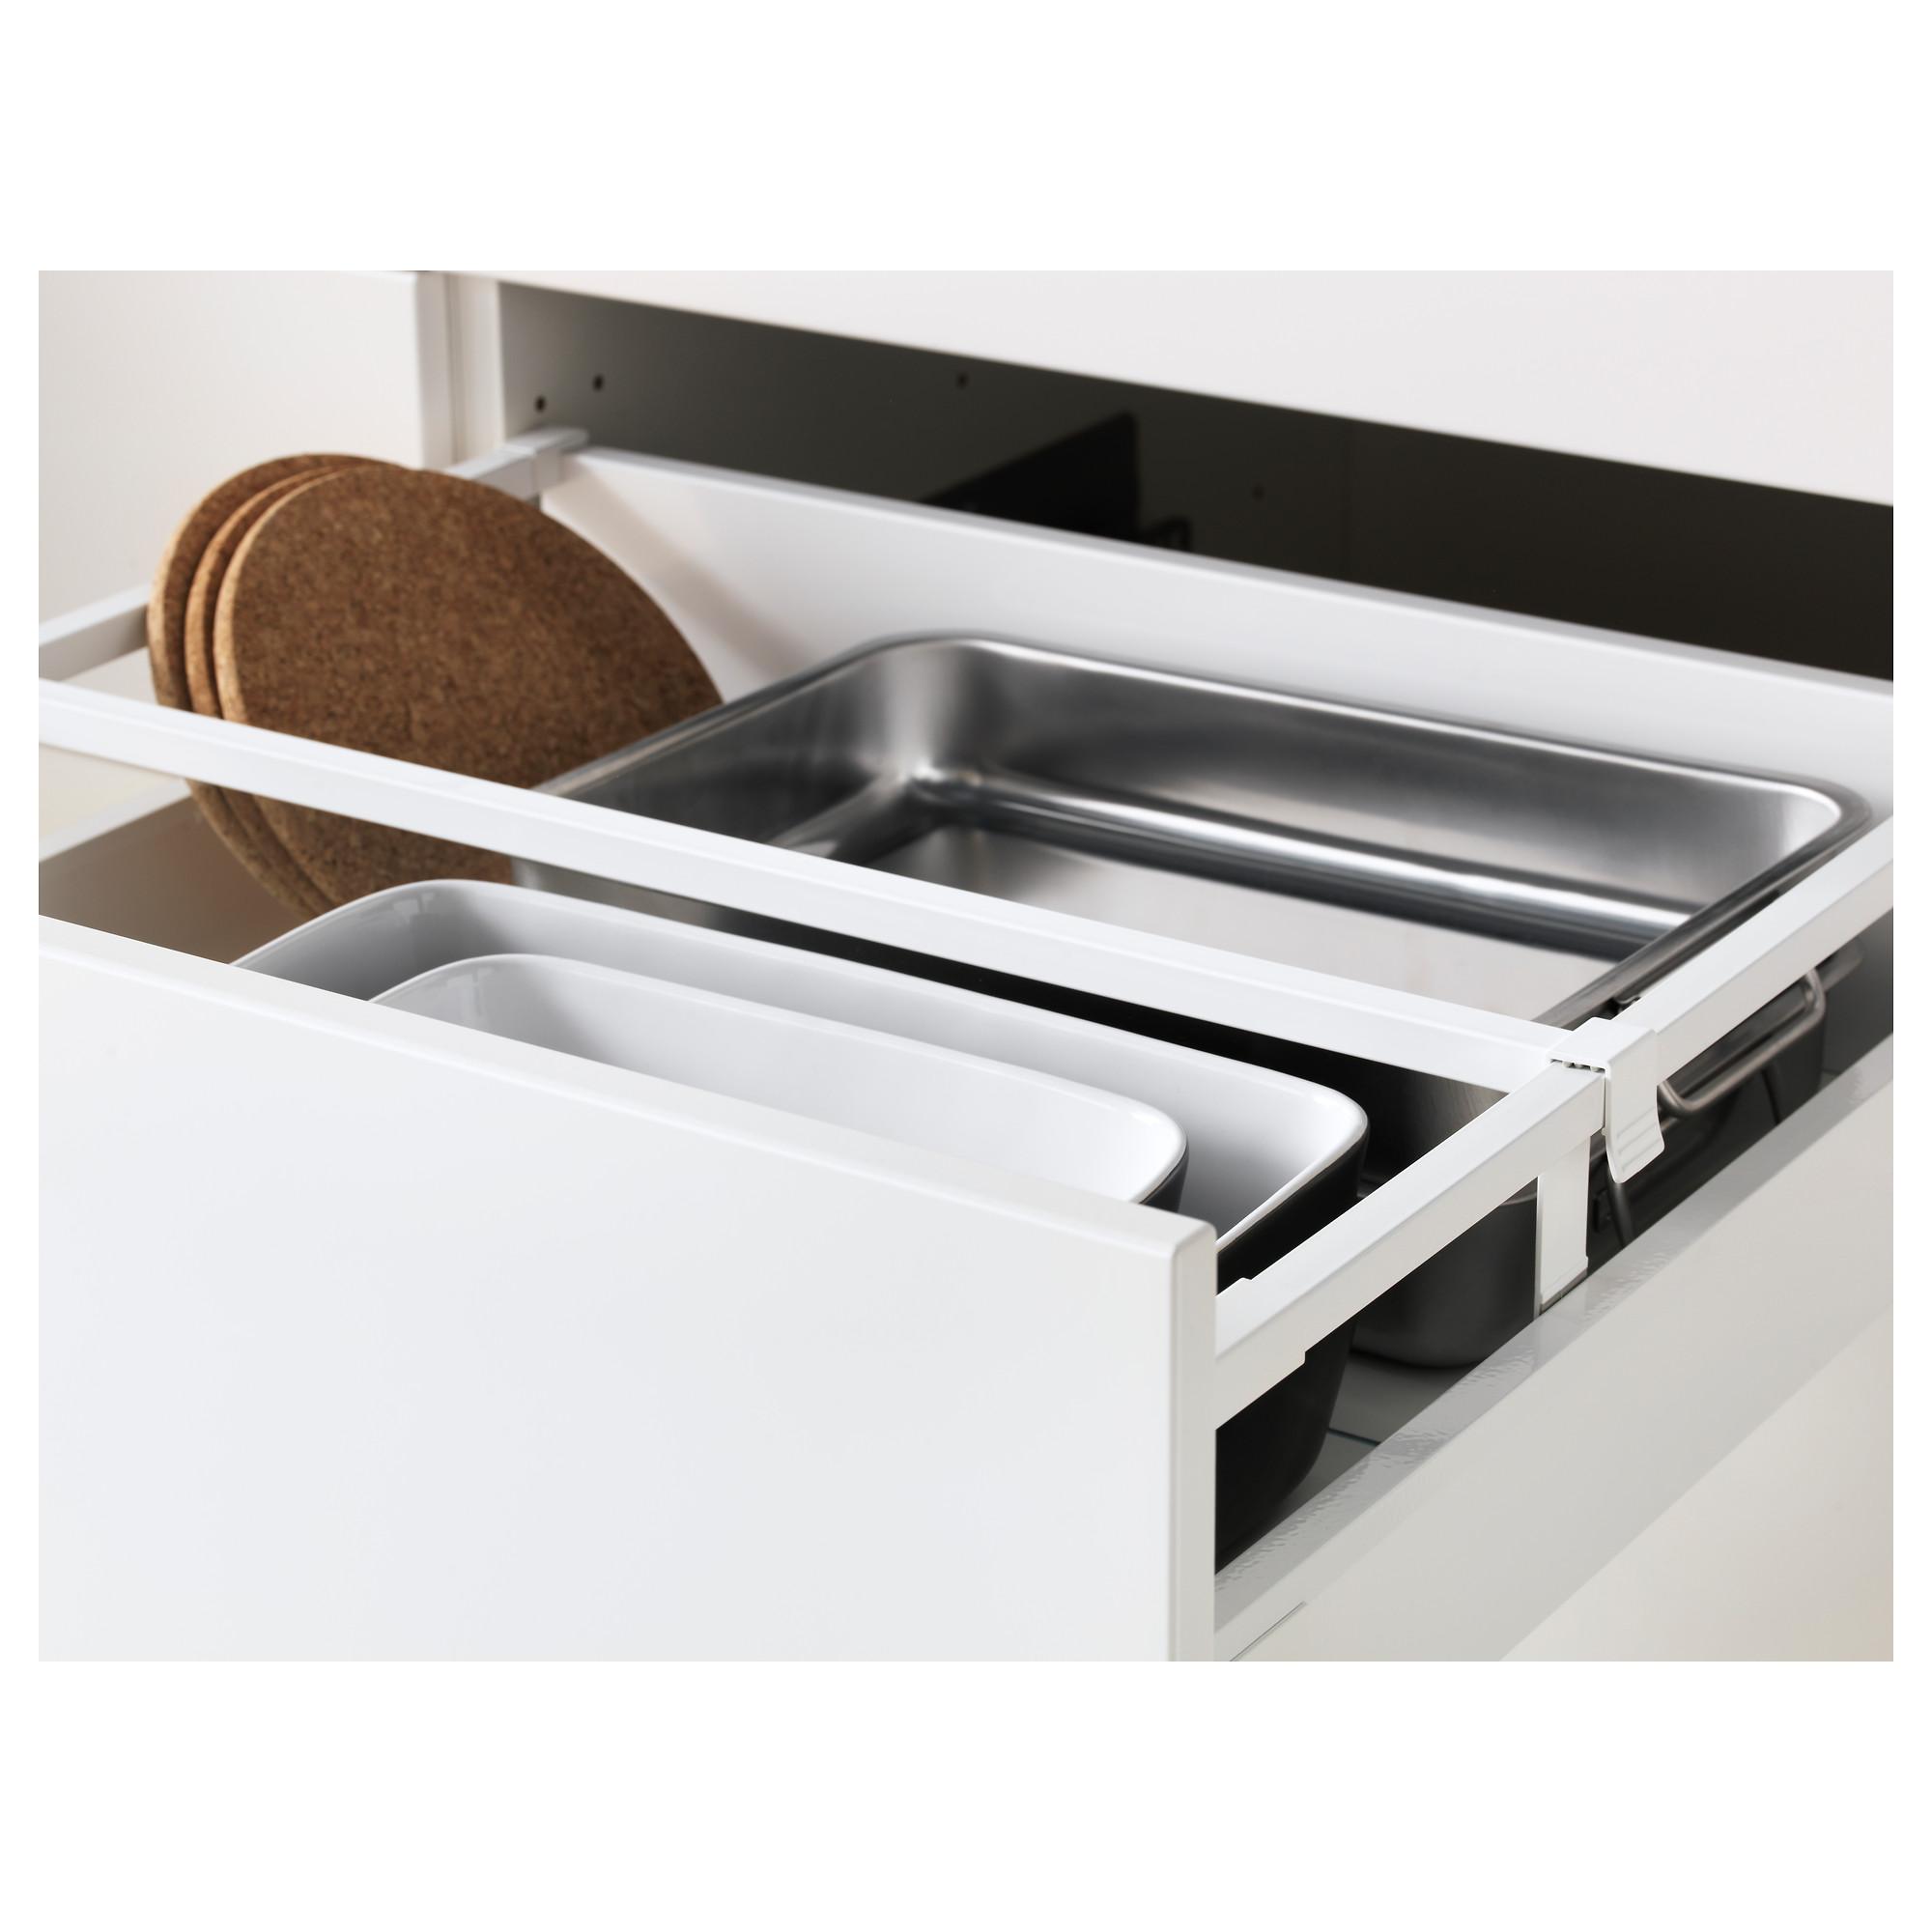 Высокий шкаф для холодильника, с дверцами, 3 ящика МЕТОД / МАКСИМЕРА белый артикуль № 992.330.86 в наличии. Онлайн сайт IKEA Минск. Недорогая доставка и установка.